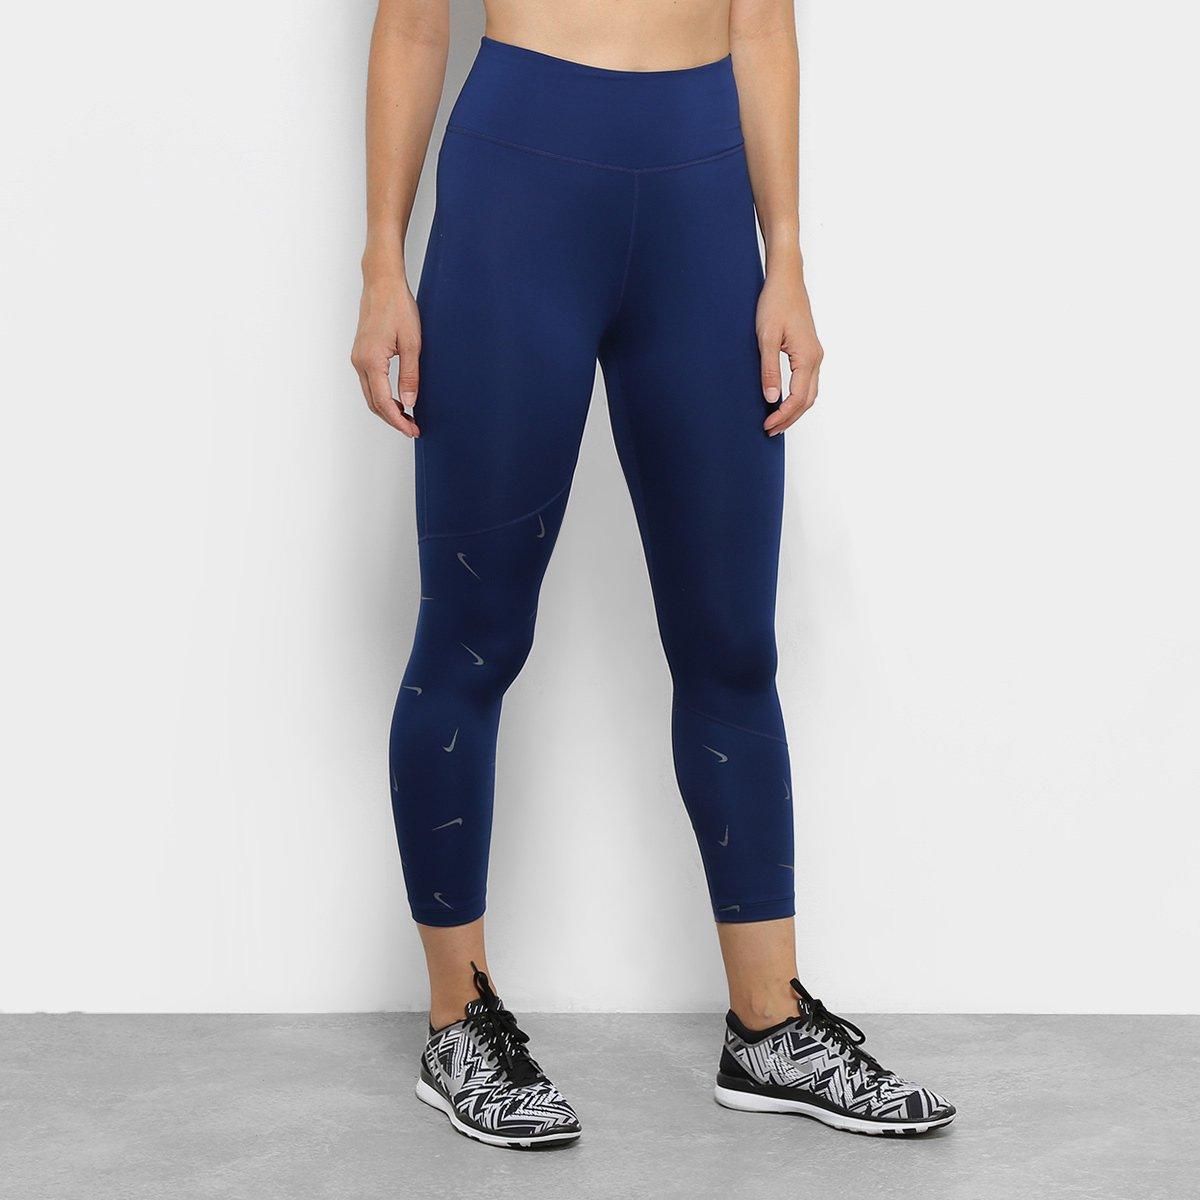 94559b1e1cb2b Calça Legging Nike One Crop Printed Feminina - Azul | Shop Timão